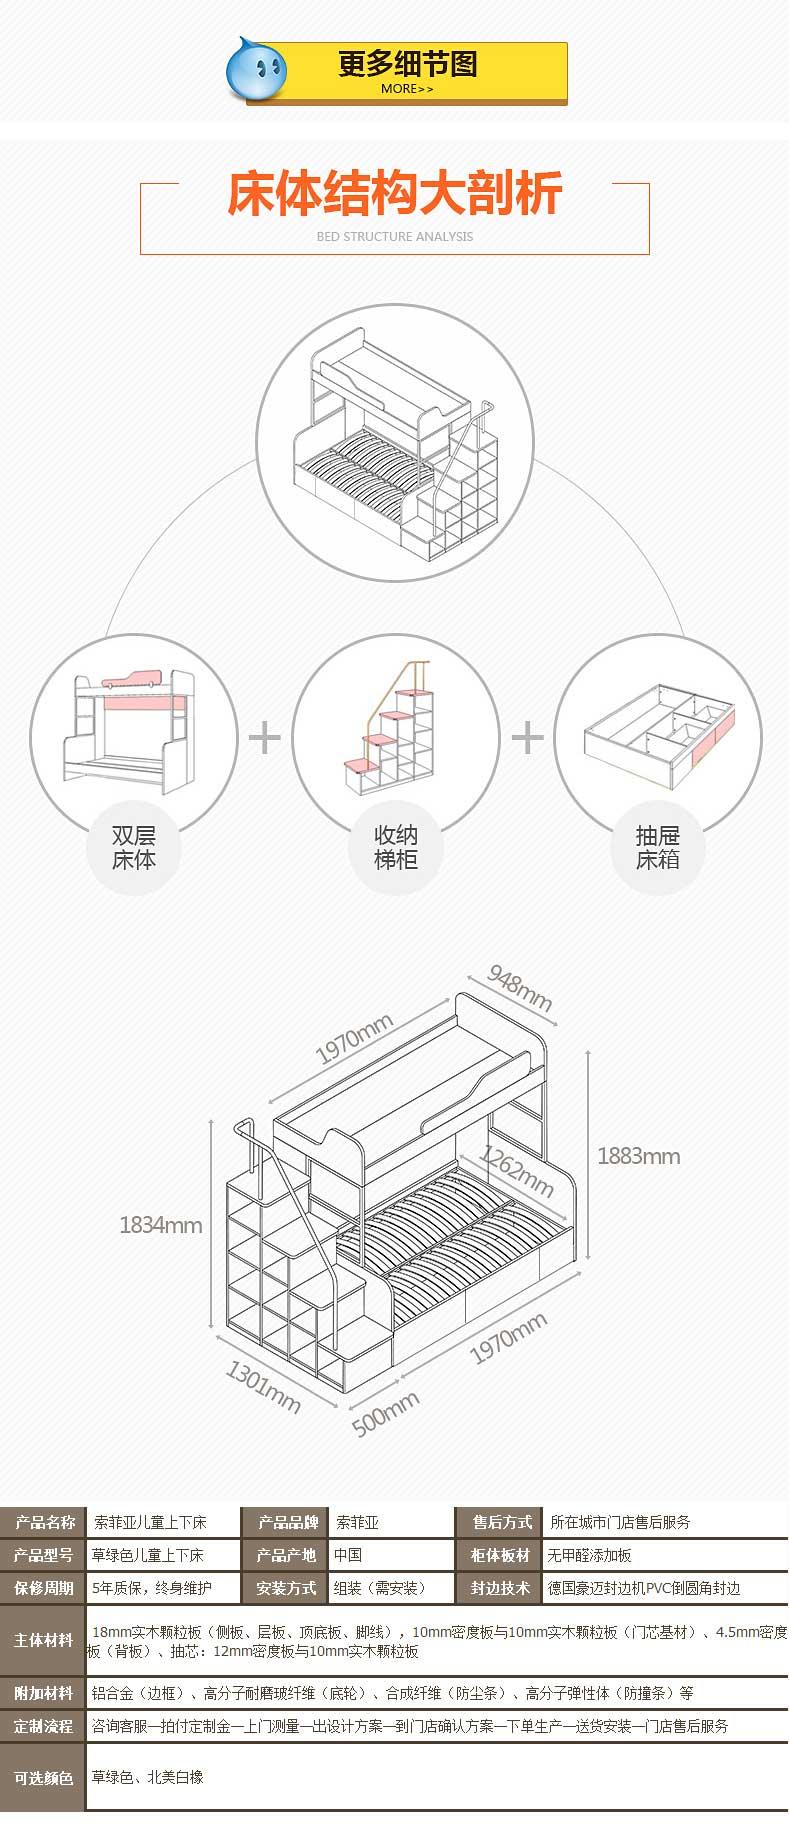 索菲亞-康純板-上下床梯柜設計_09.jpg